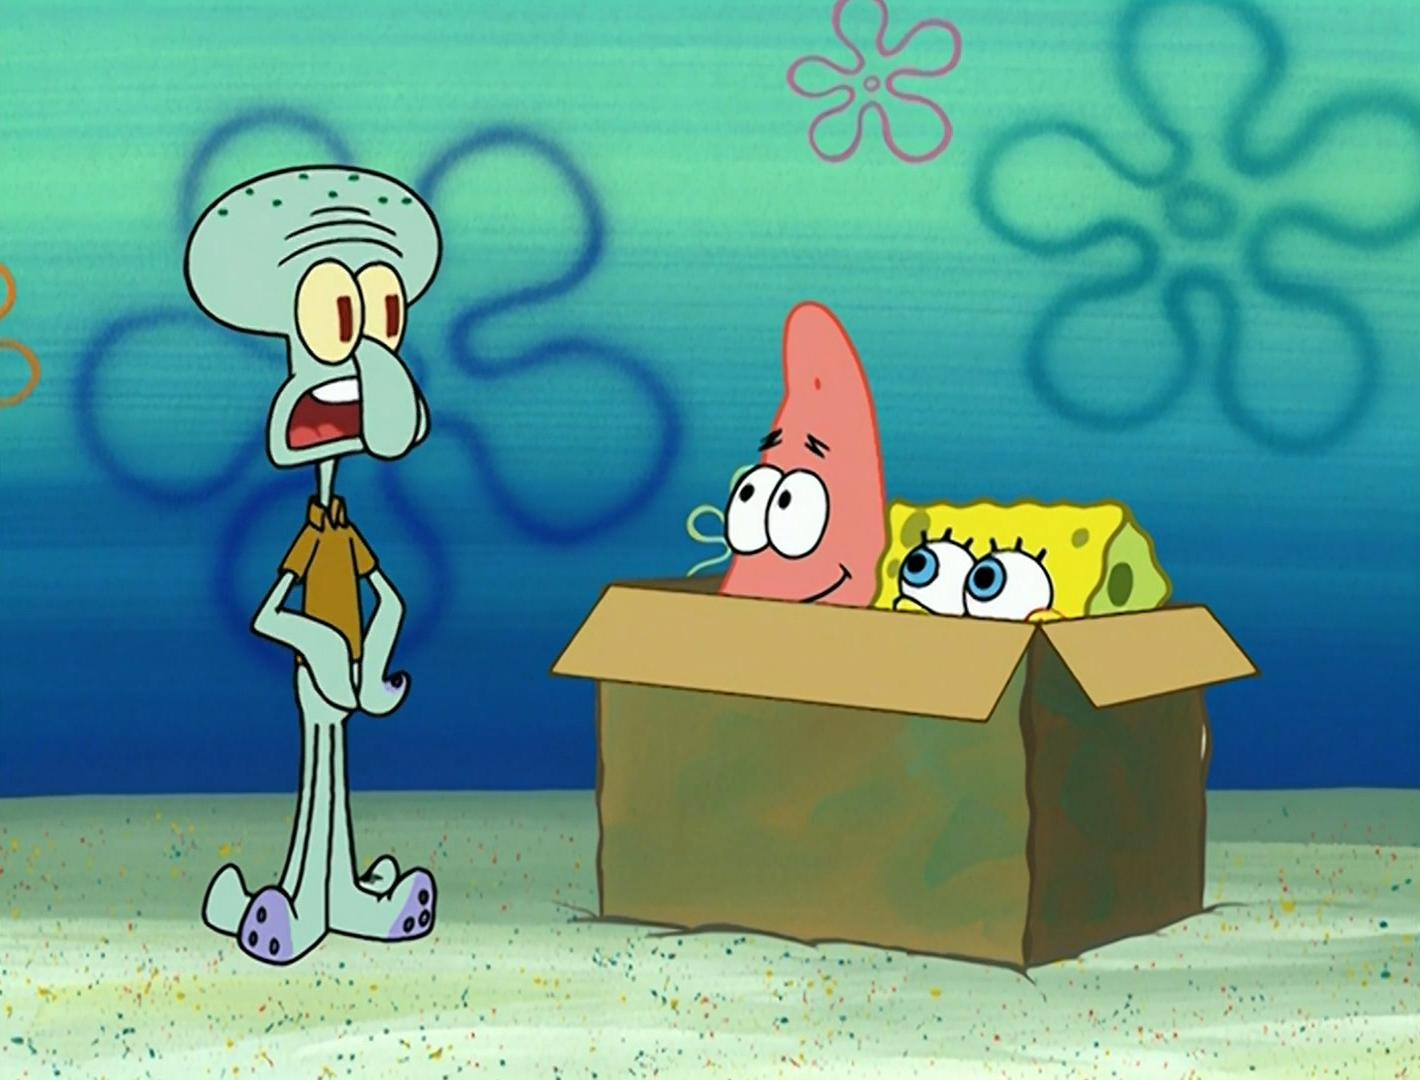 File:Idiot Box 026.png